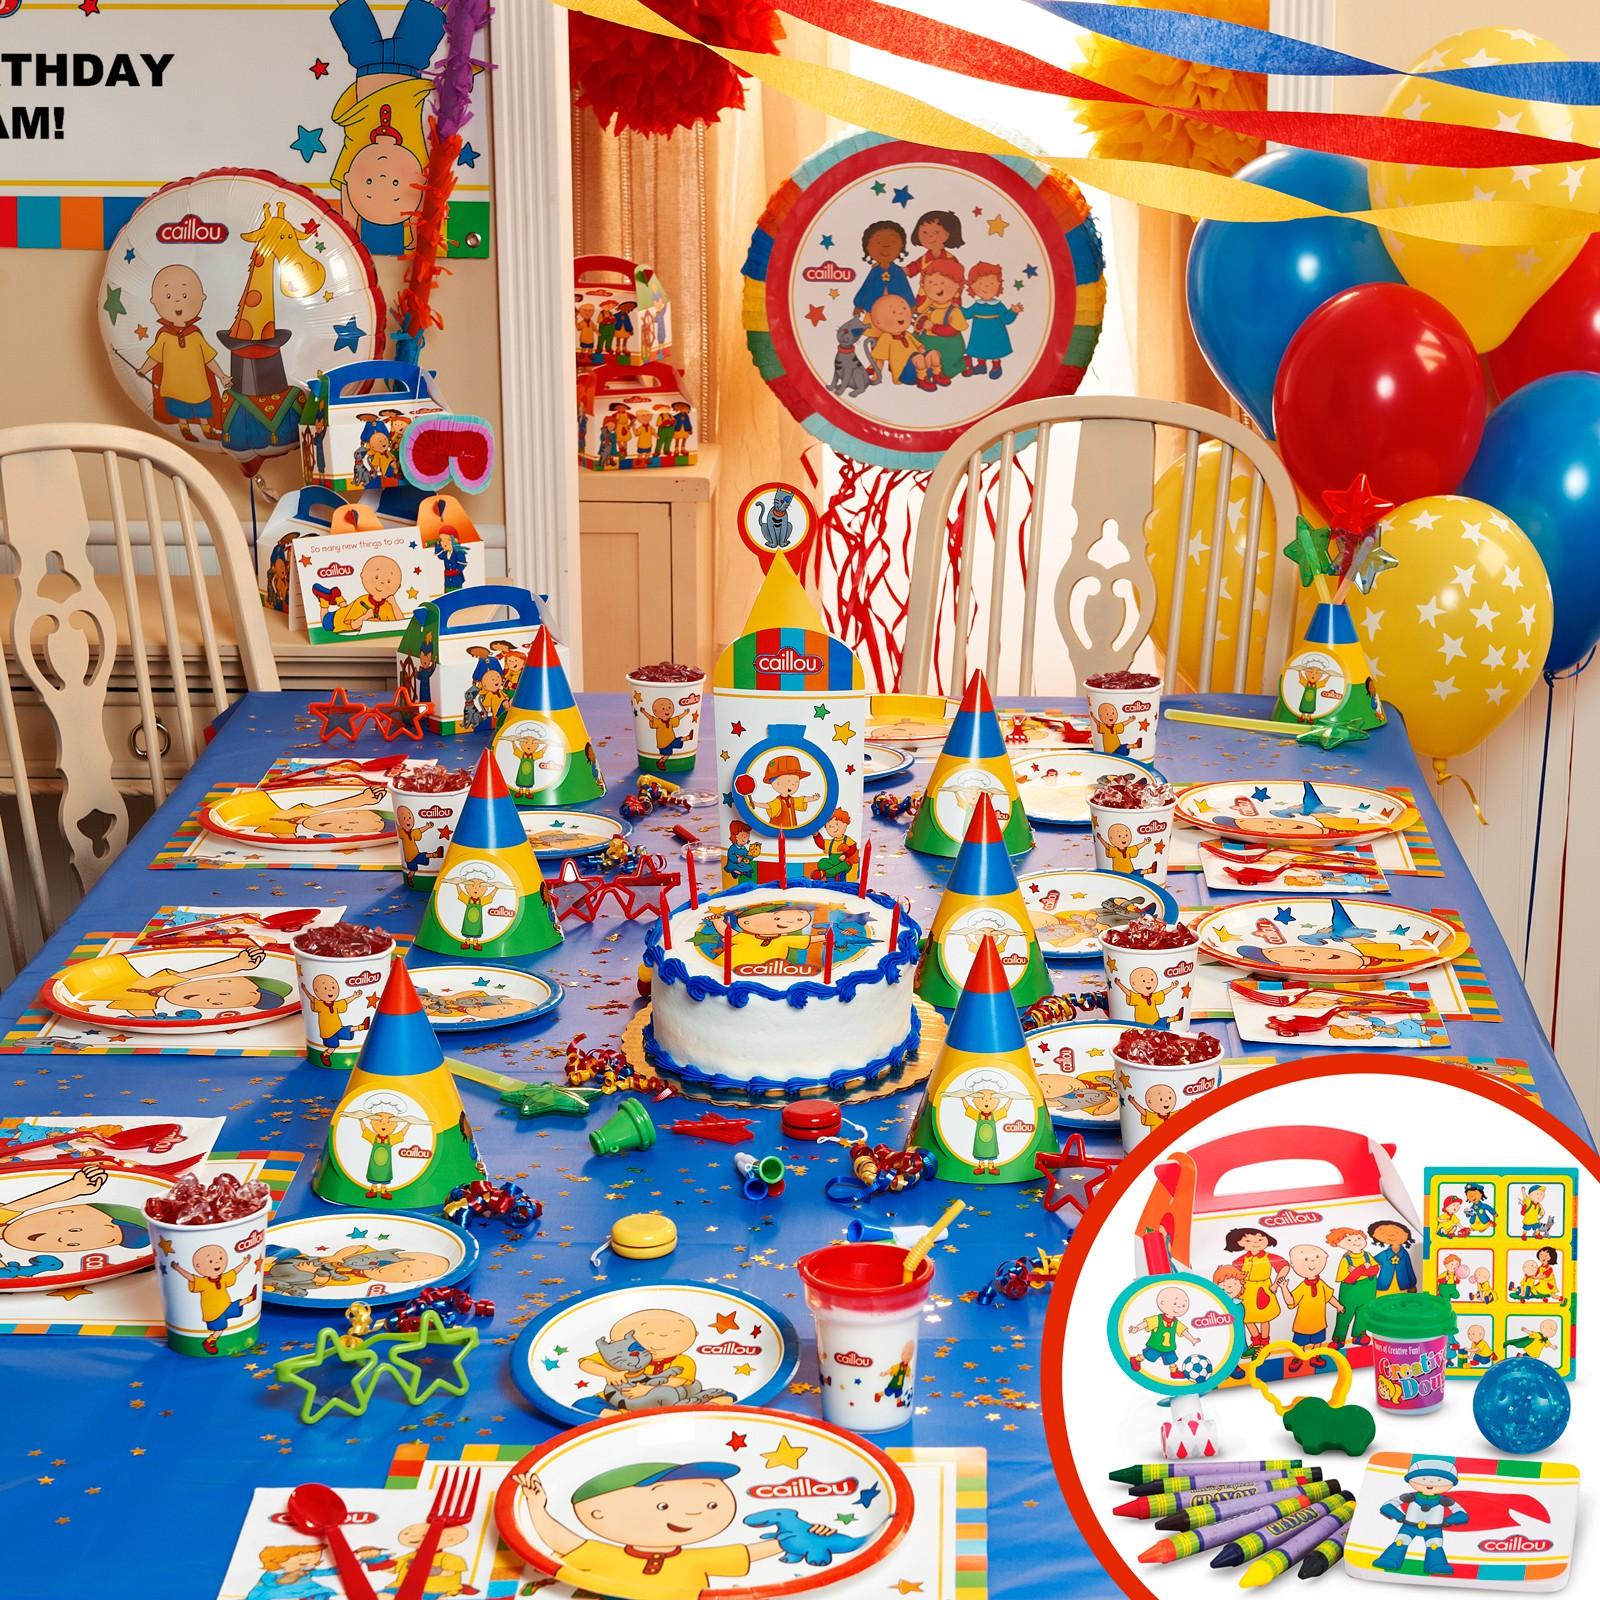 Decoraci n de fiestas infantiles de caillou fiestas y for Ideas decoracion fiesta